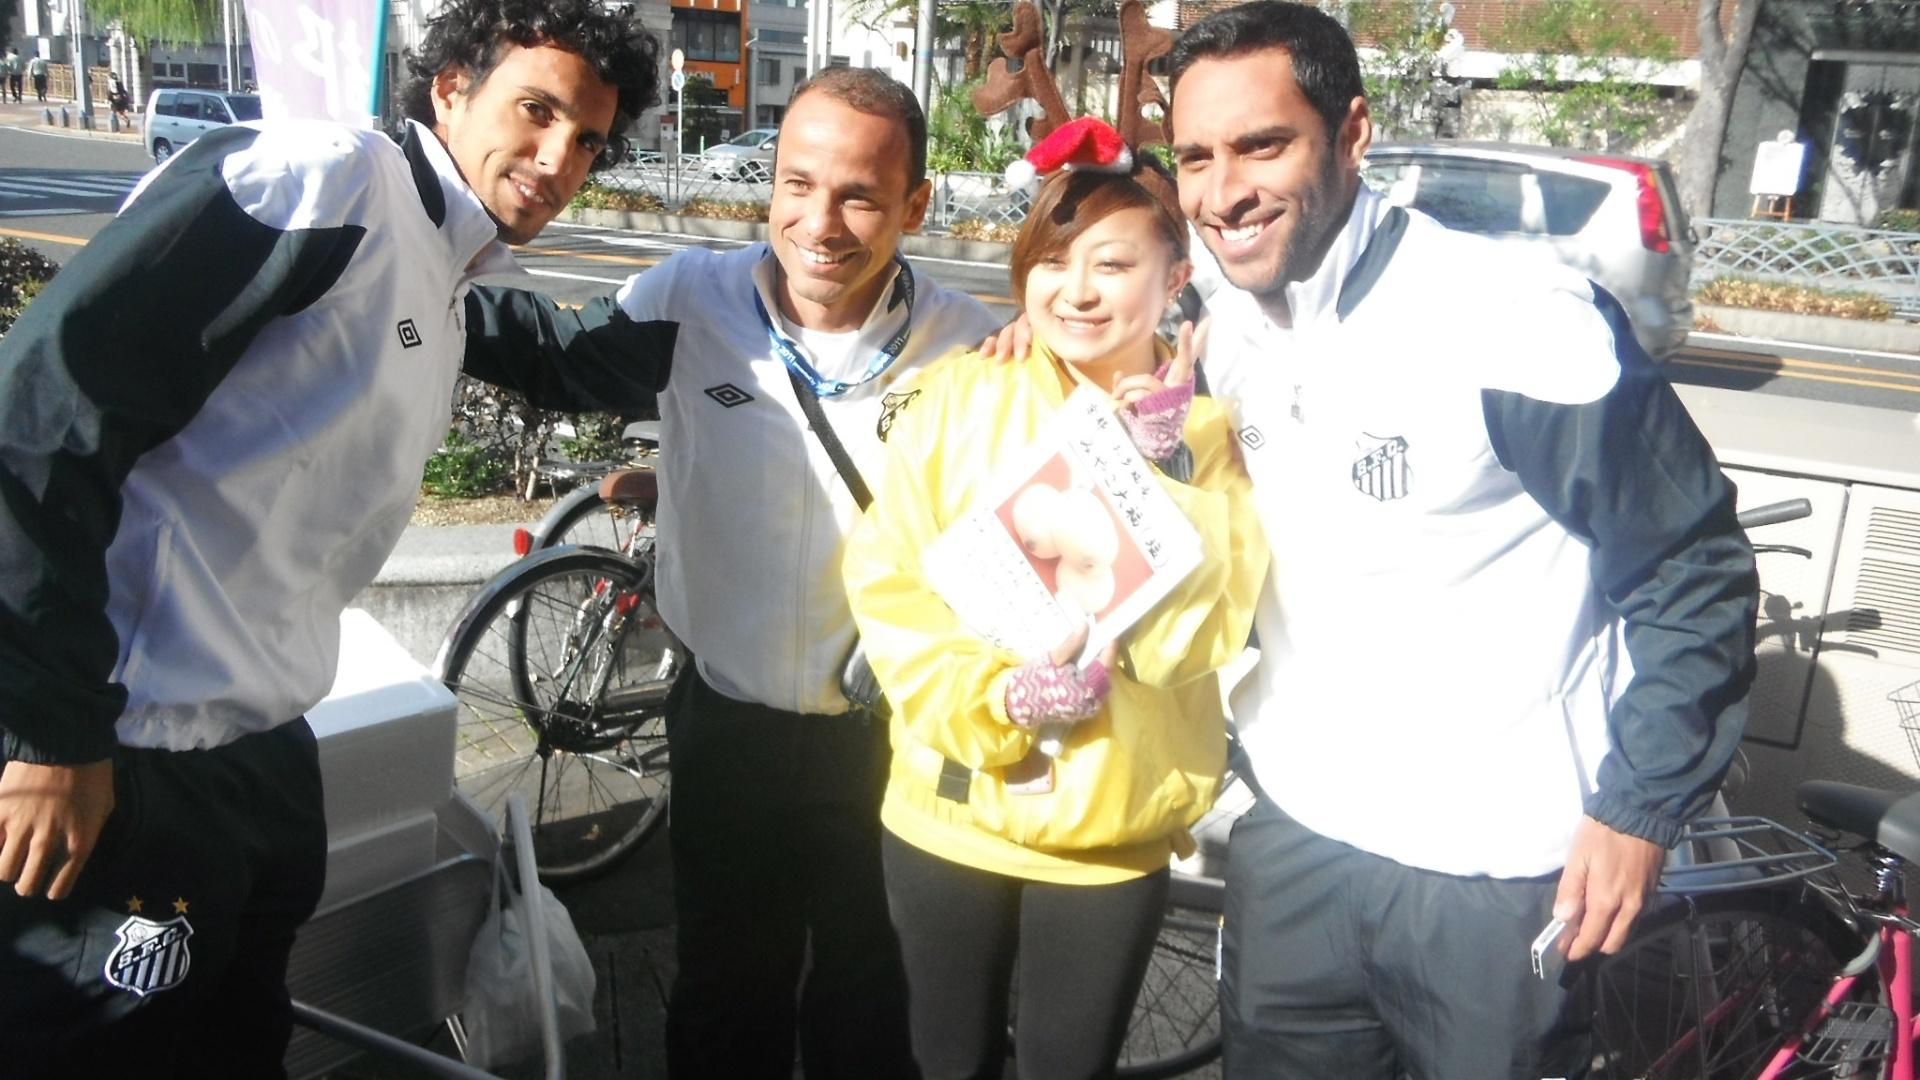 Diogo, Léo e Ibson posam para foto com uma vendedora ambulante em Nagoya (09/12/2011)